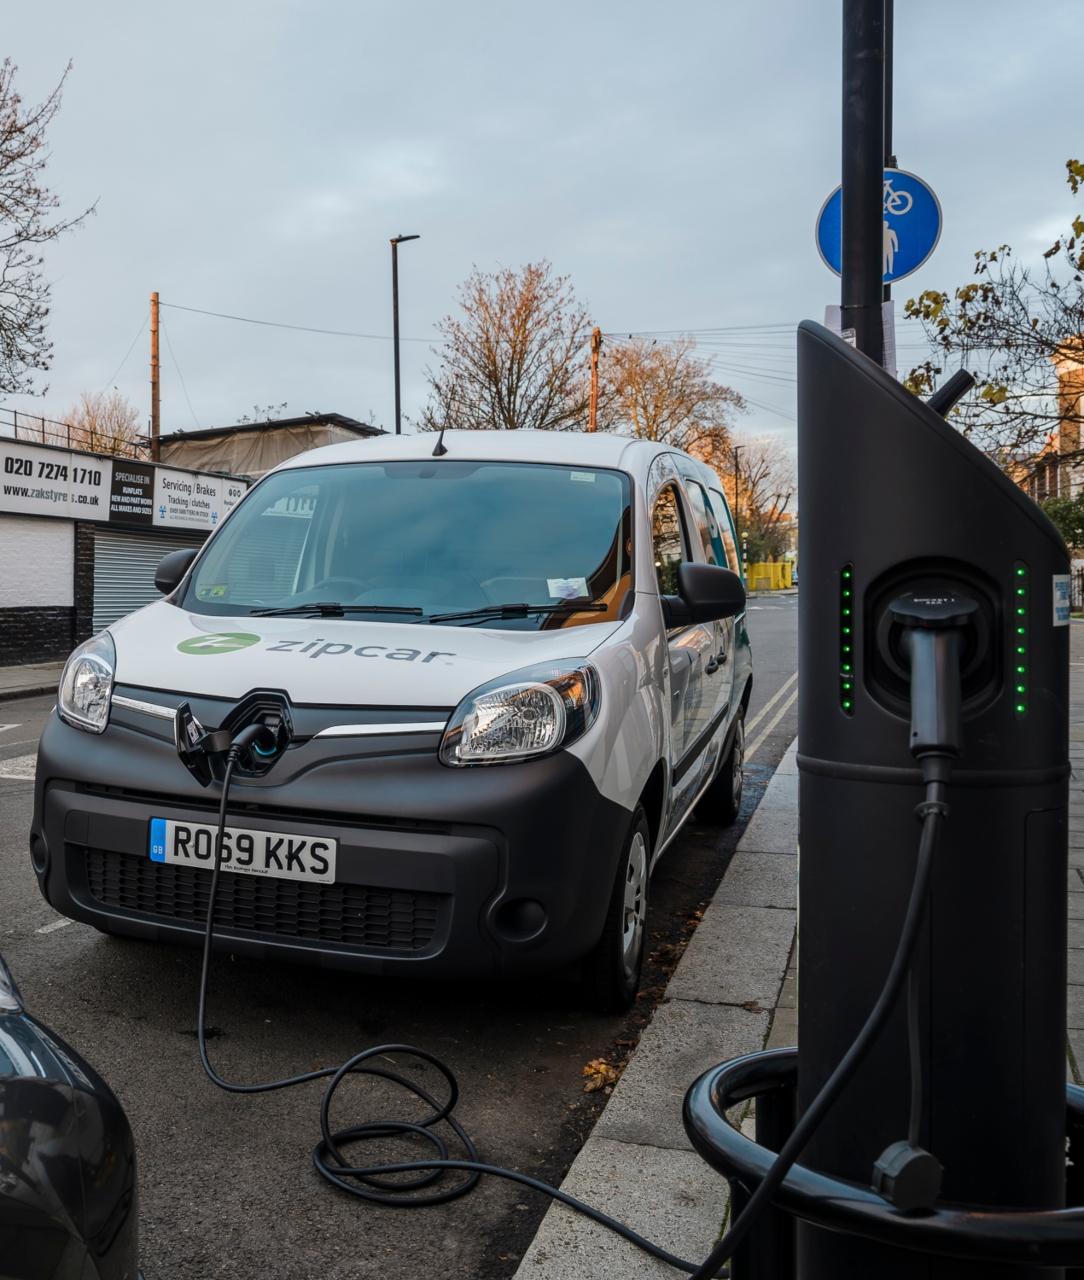 Zipcar electric van